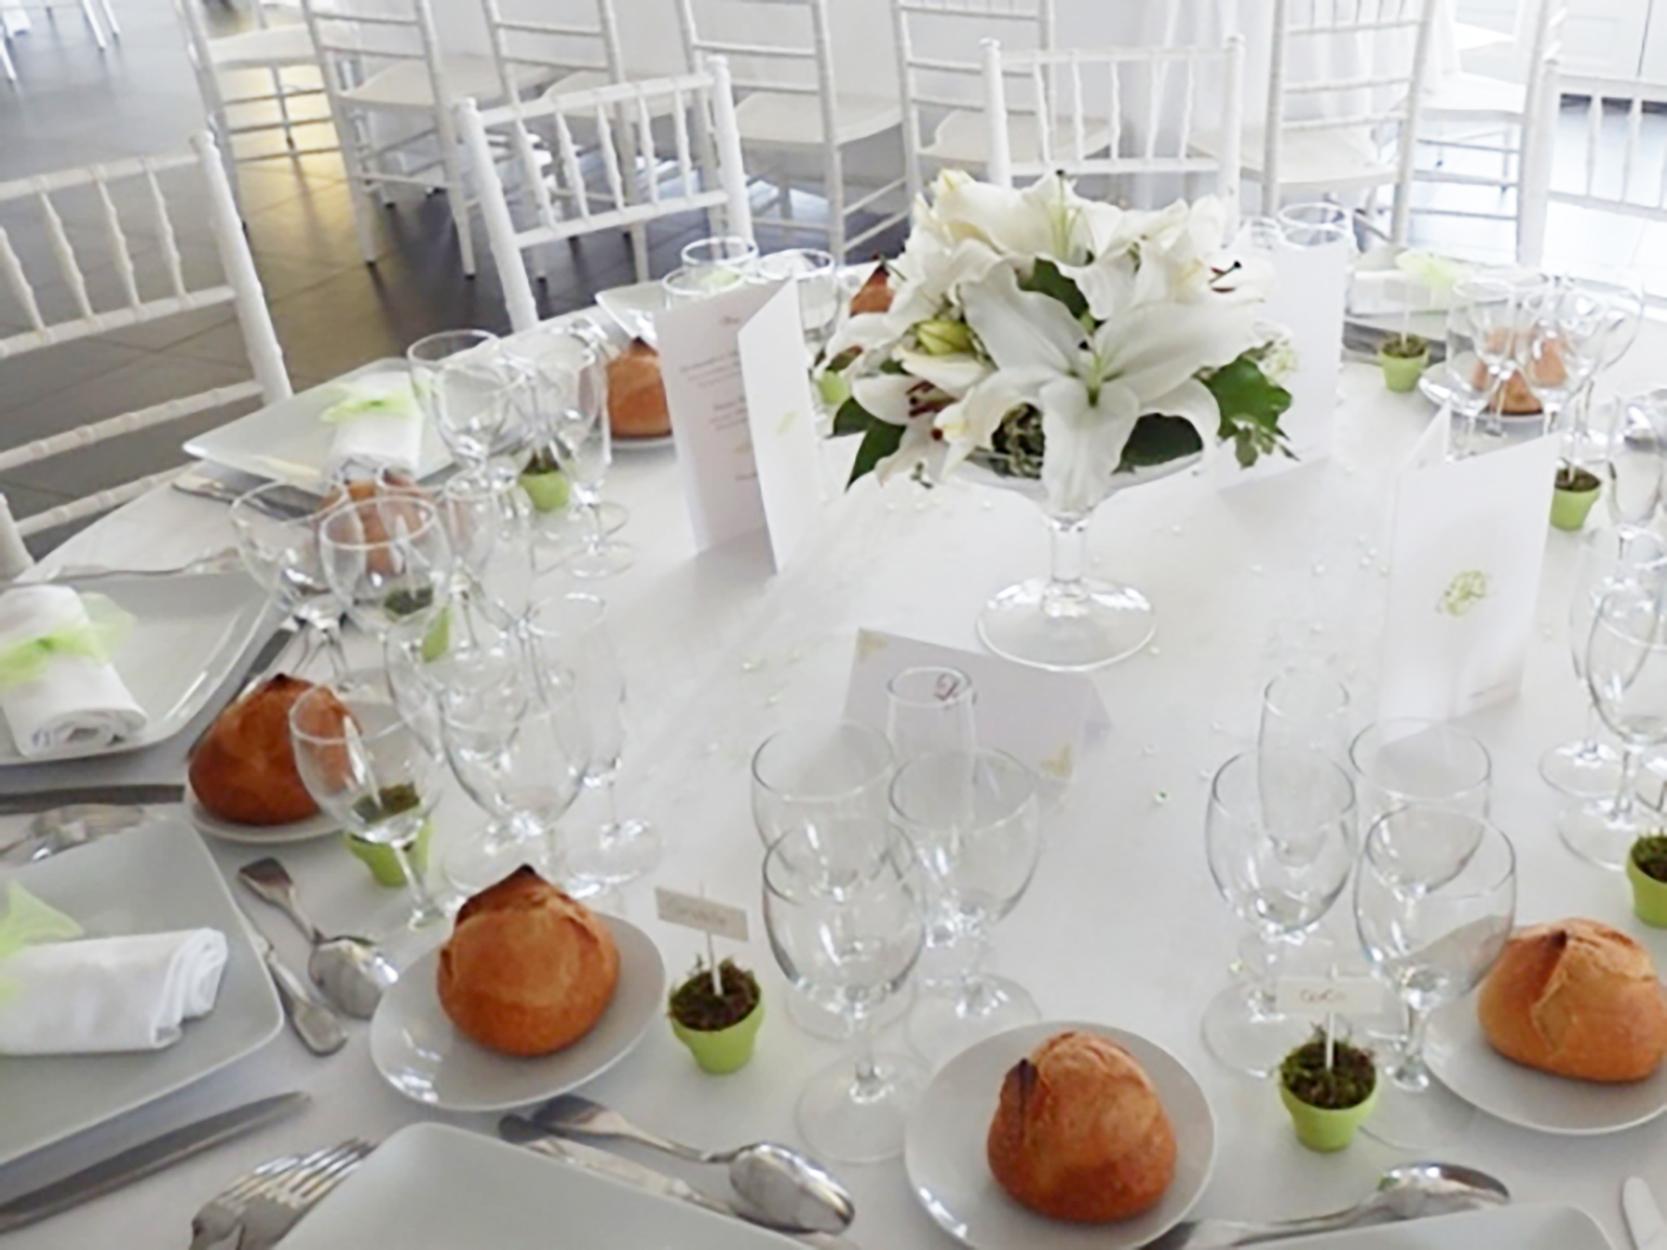 une d coration de mariage avec une fleur diff rente par table. Black Bedroom Furniture Sets. Home Design Ideas